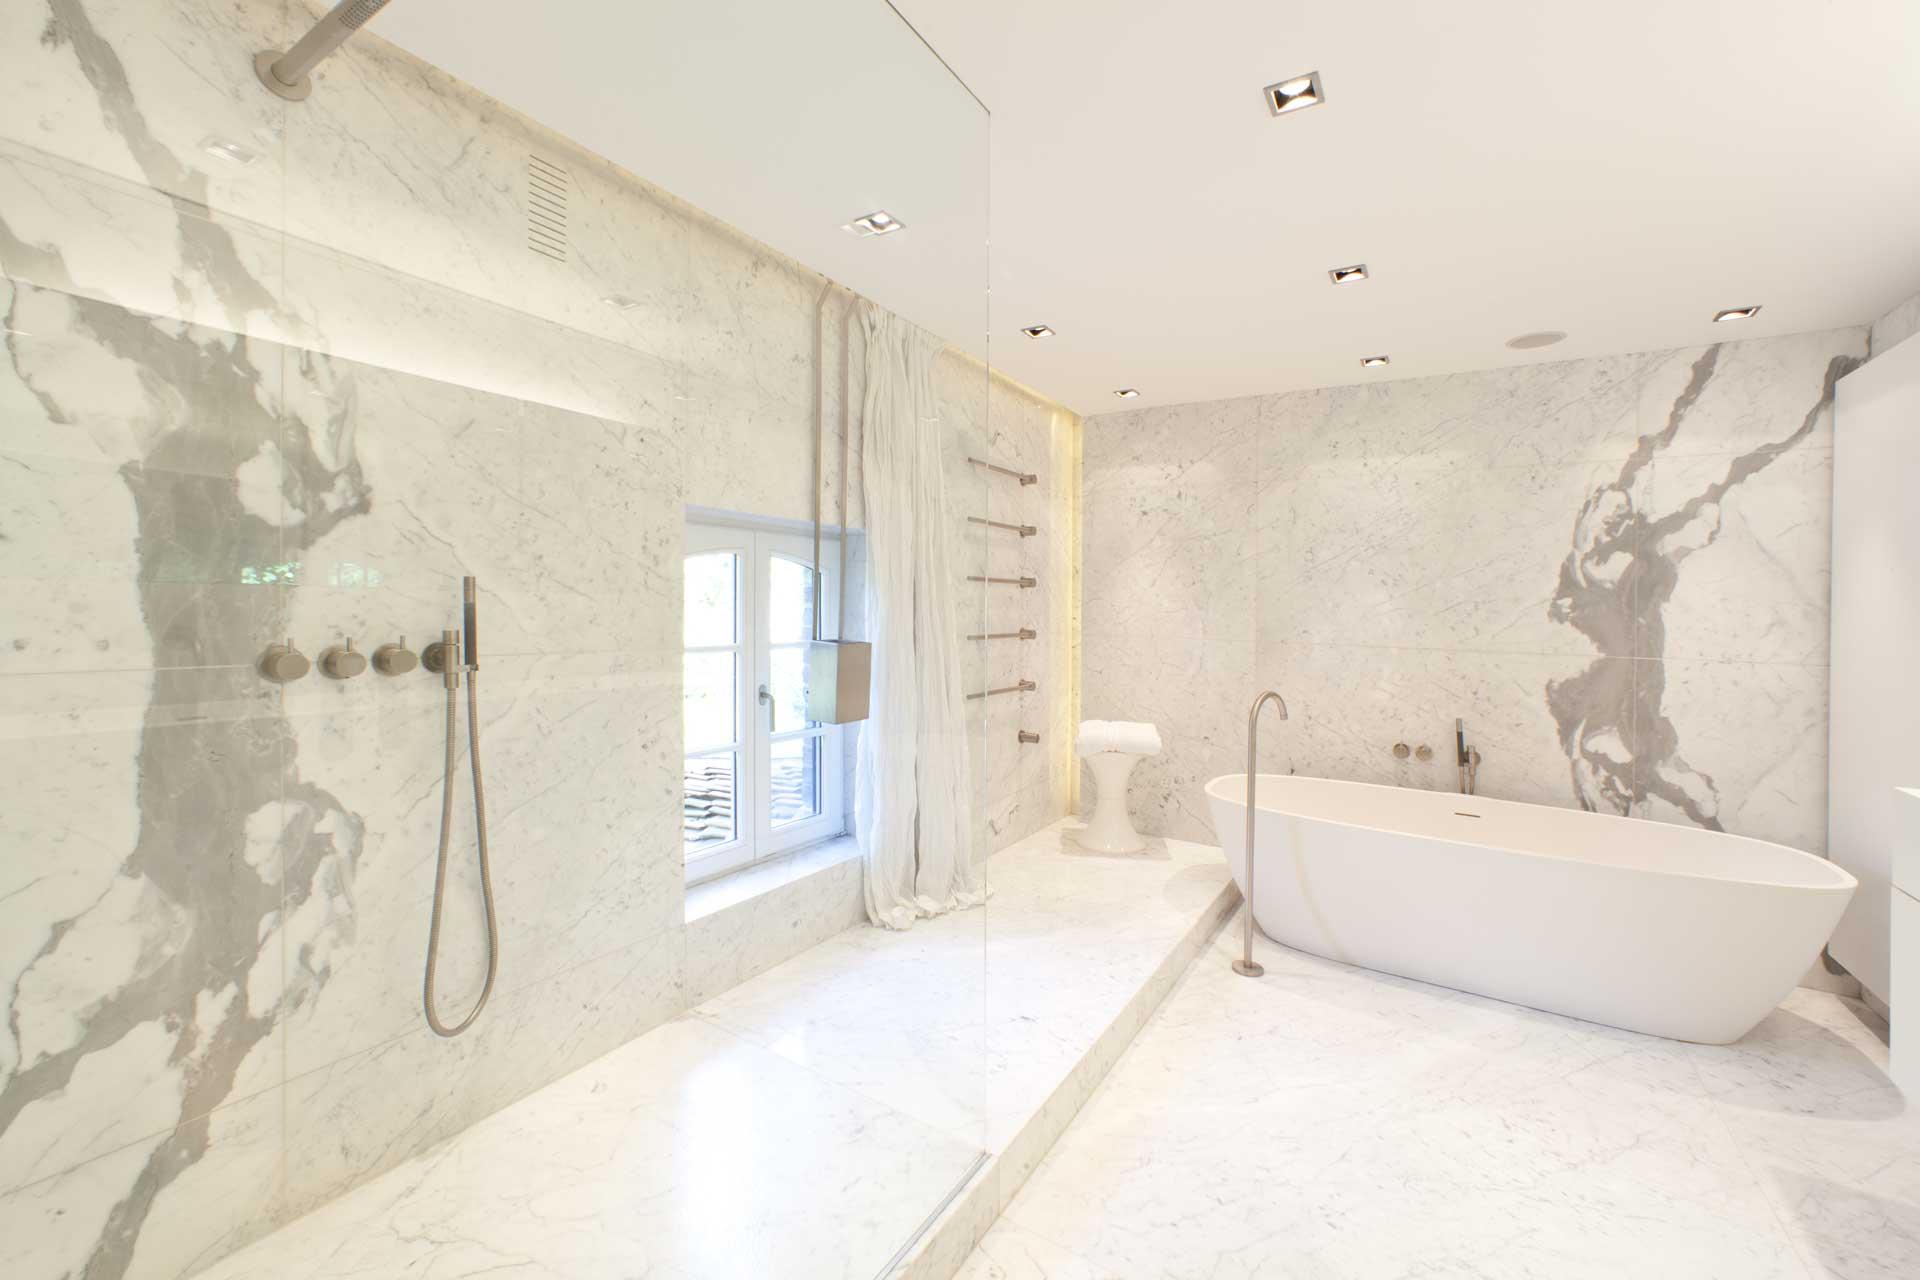 Statuario Marmor Bad/Dusche mit Vola Armaturen  Marmor Radermacher